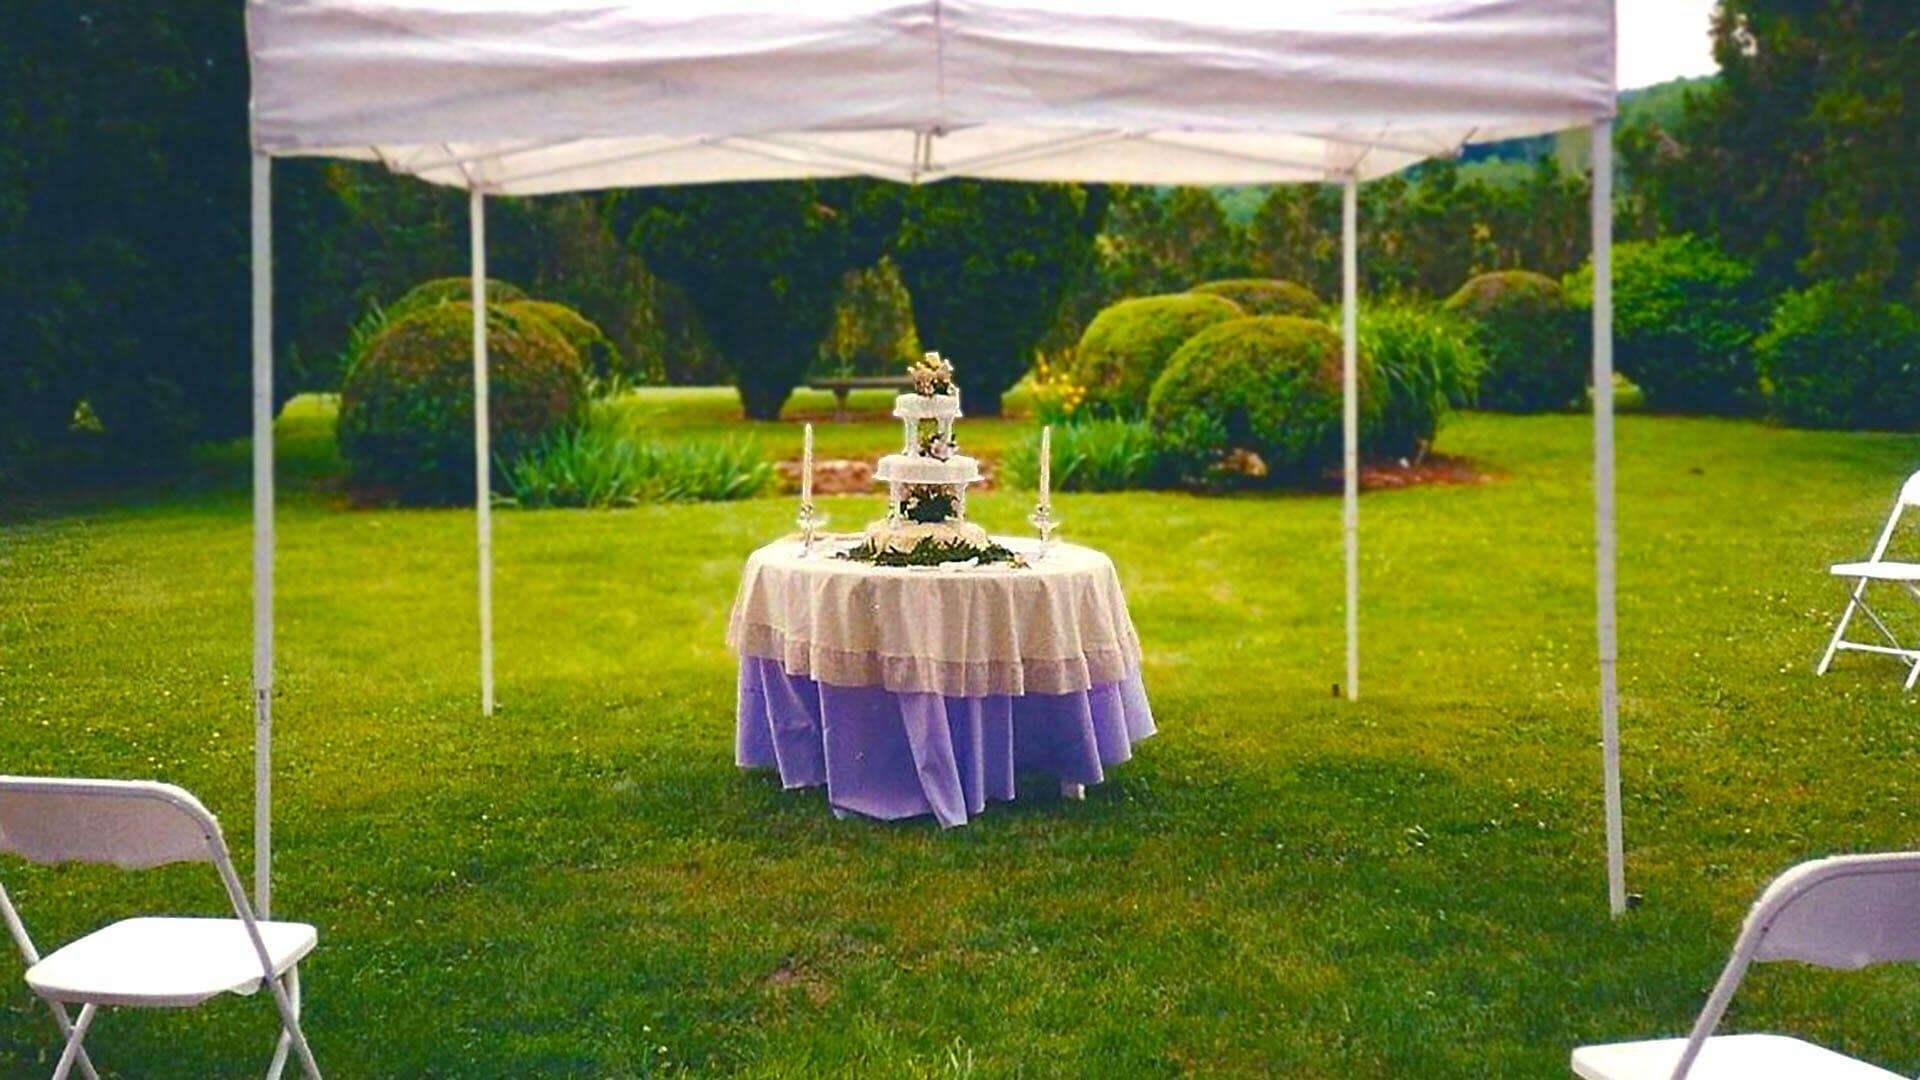 Valley View Farms Gardens wedding cake